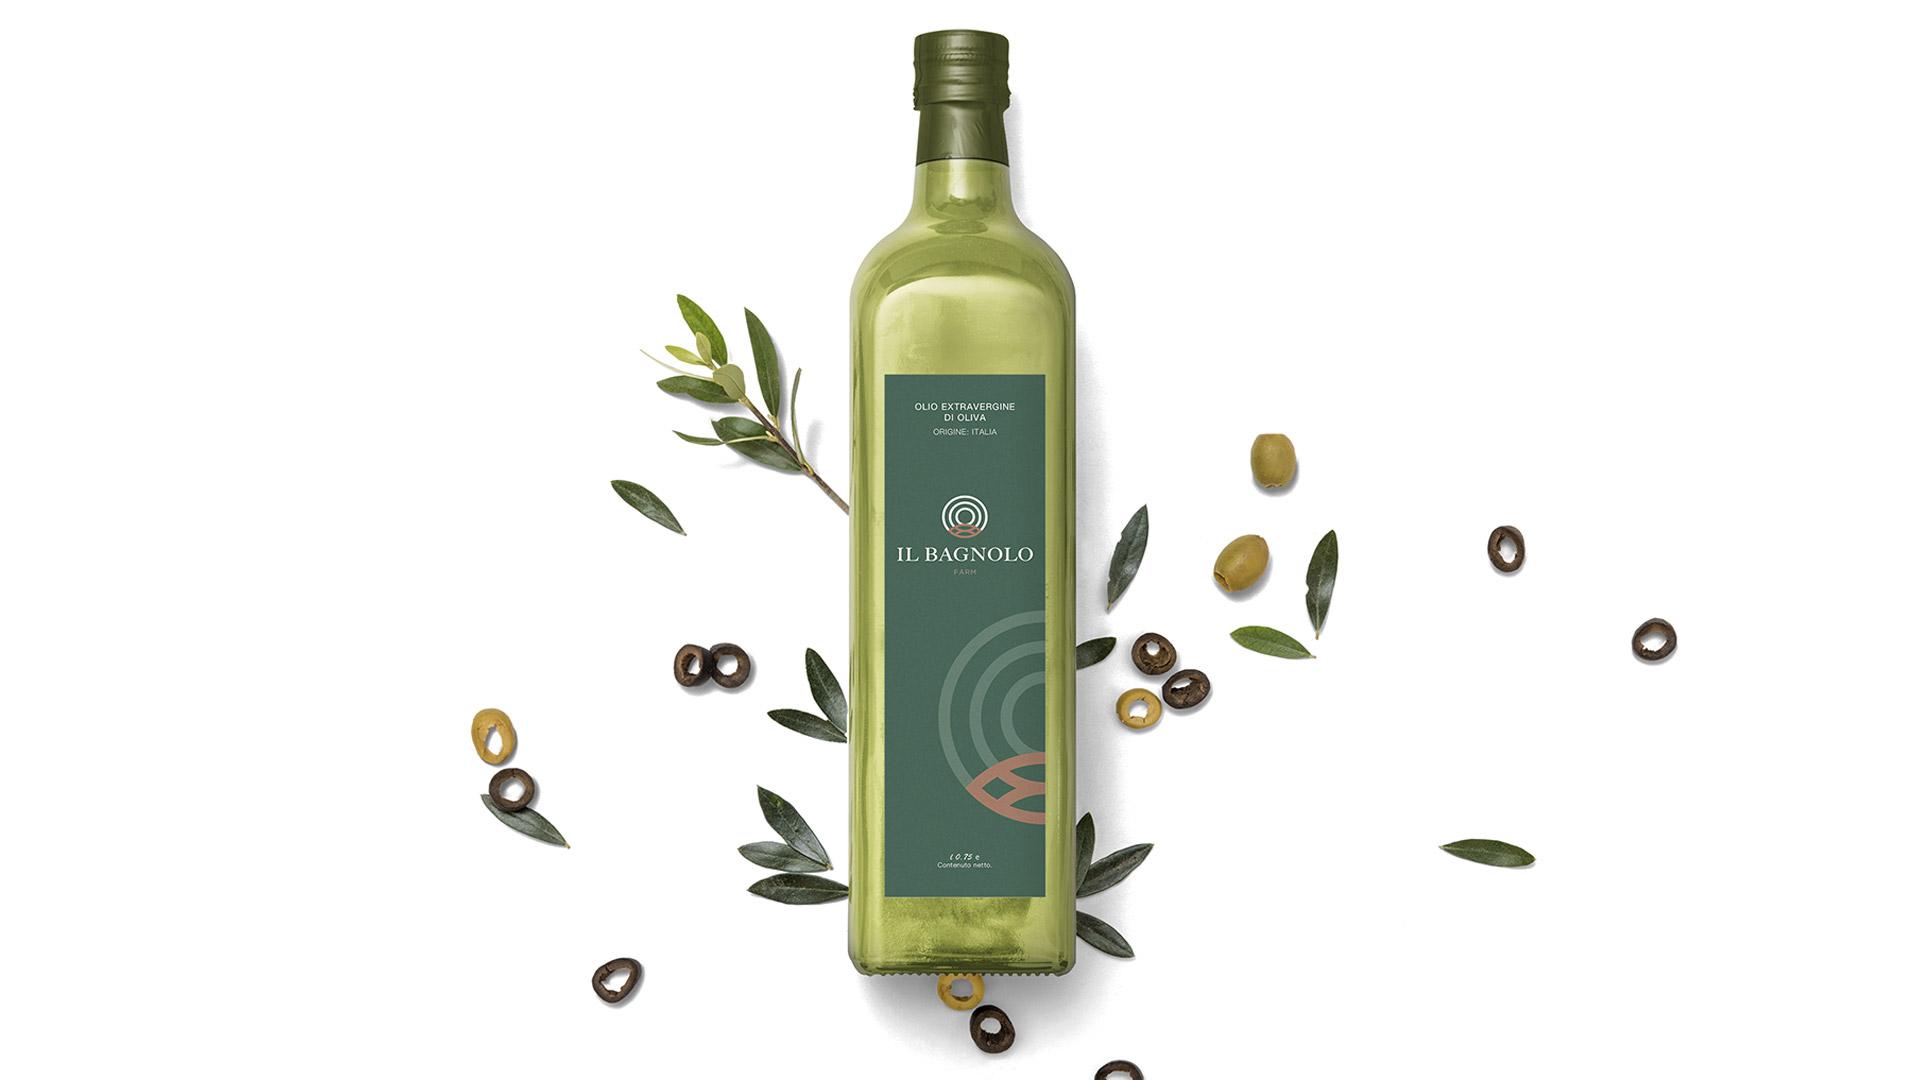 Etichetta olio realizzata dall'agenzia di comunicazione Valenti04 a Brescia